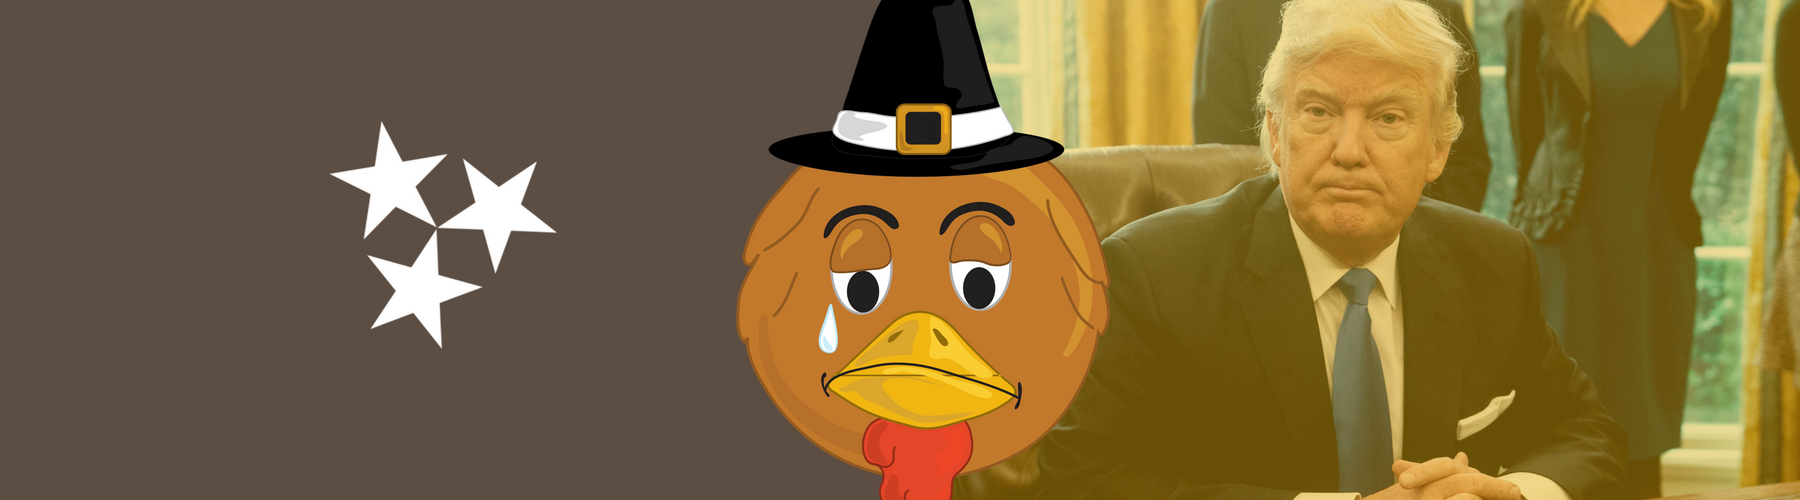 Trump_turkey_(1).png